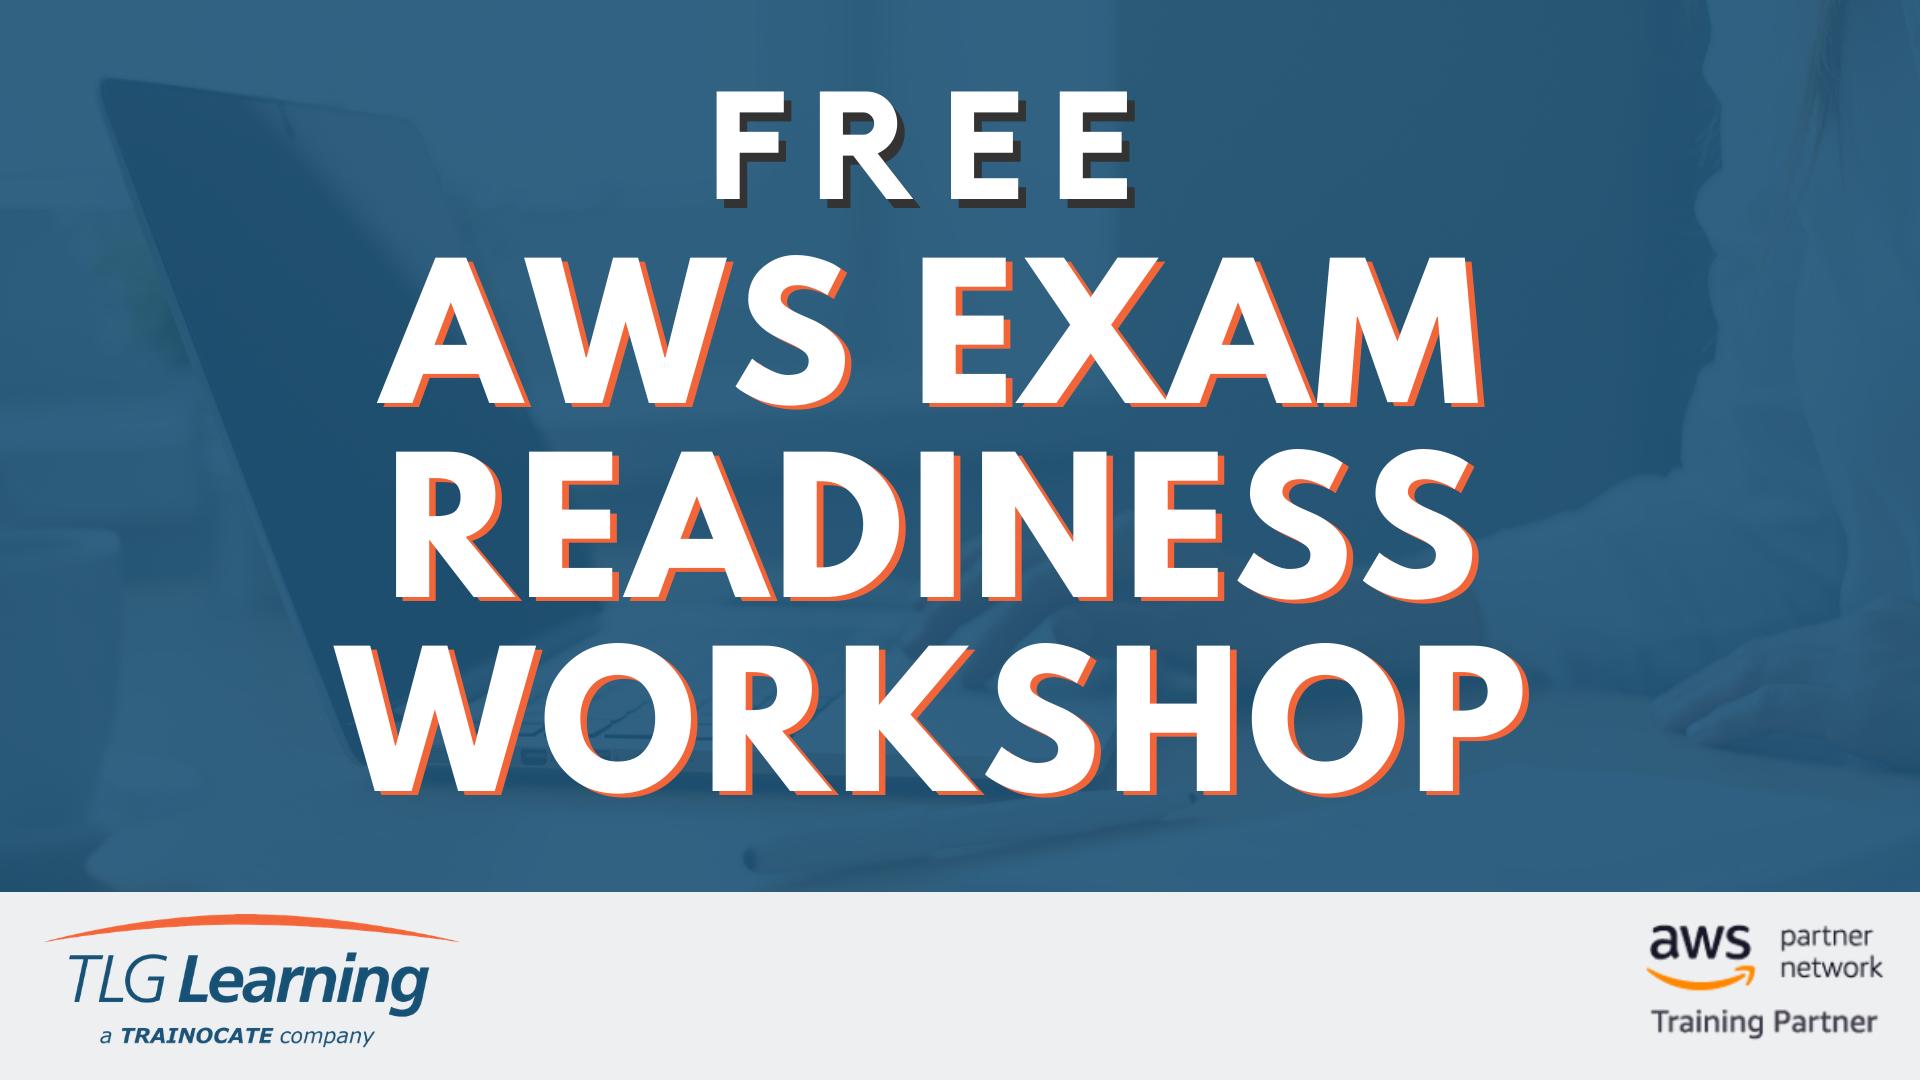 AWS Exam Readiness Workshop Blog Image